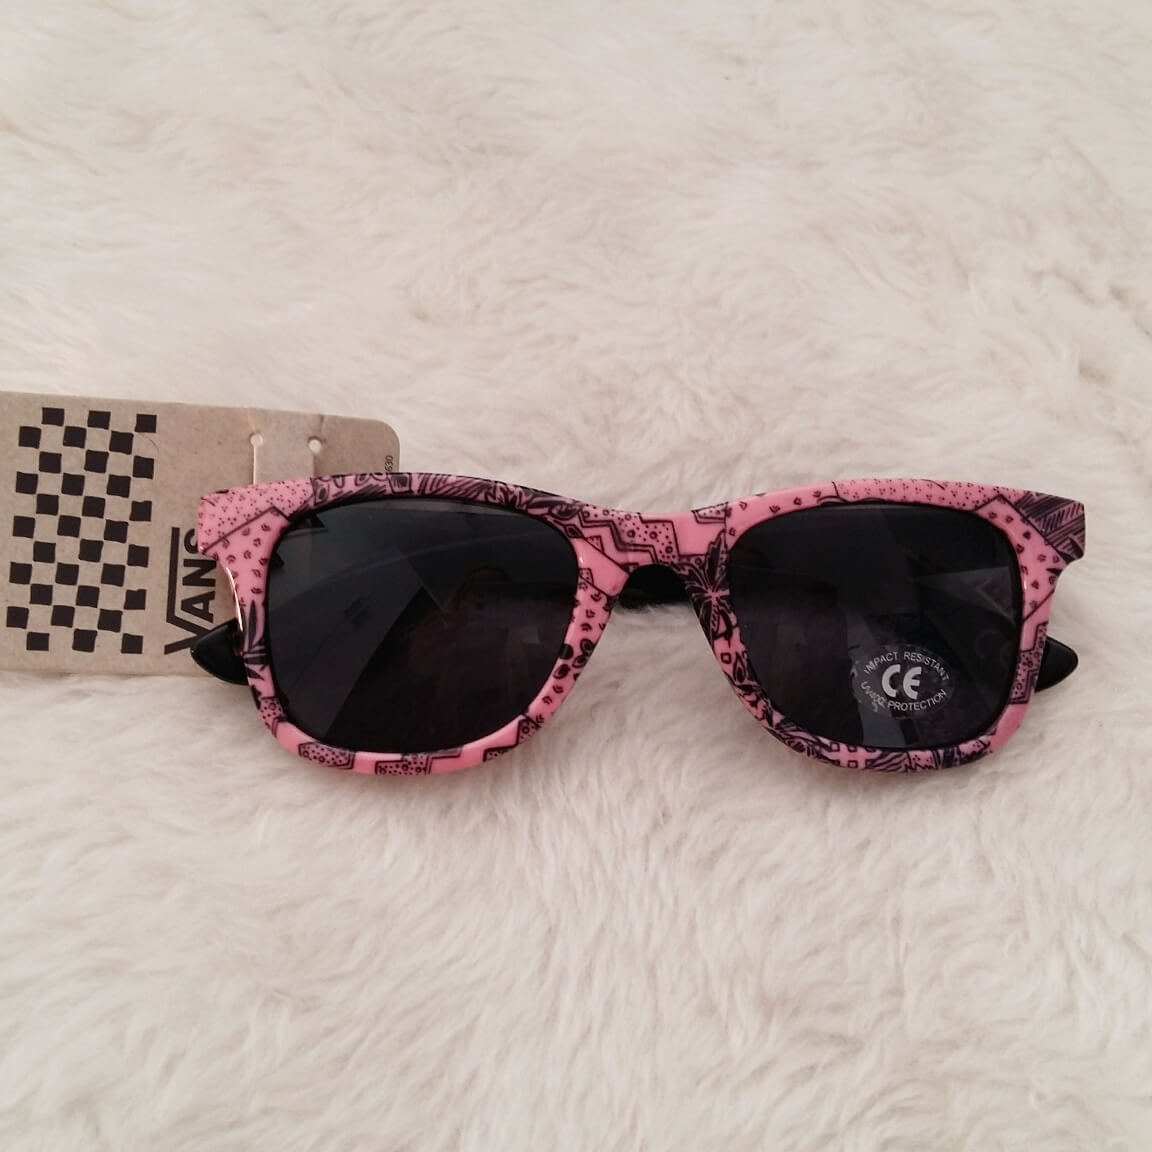 oculos-solar-vans-rosa